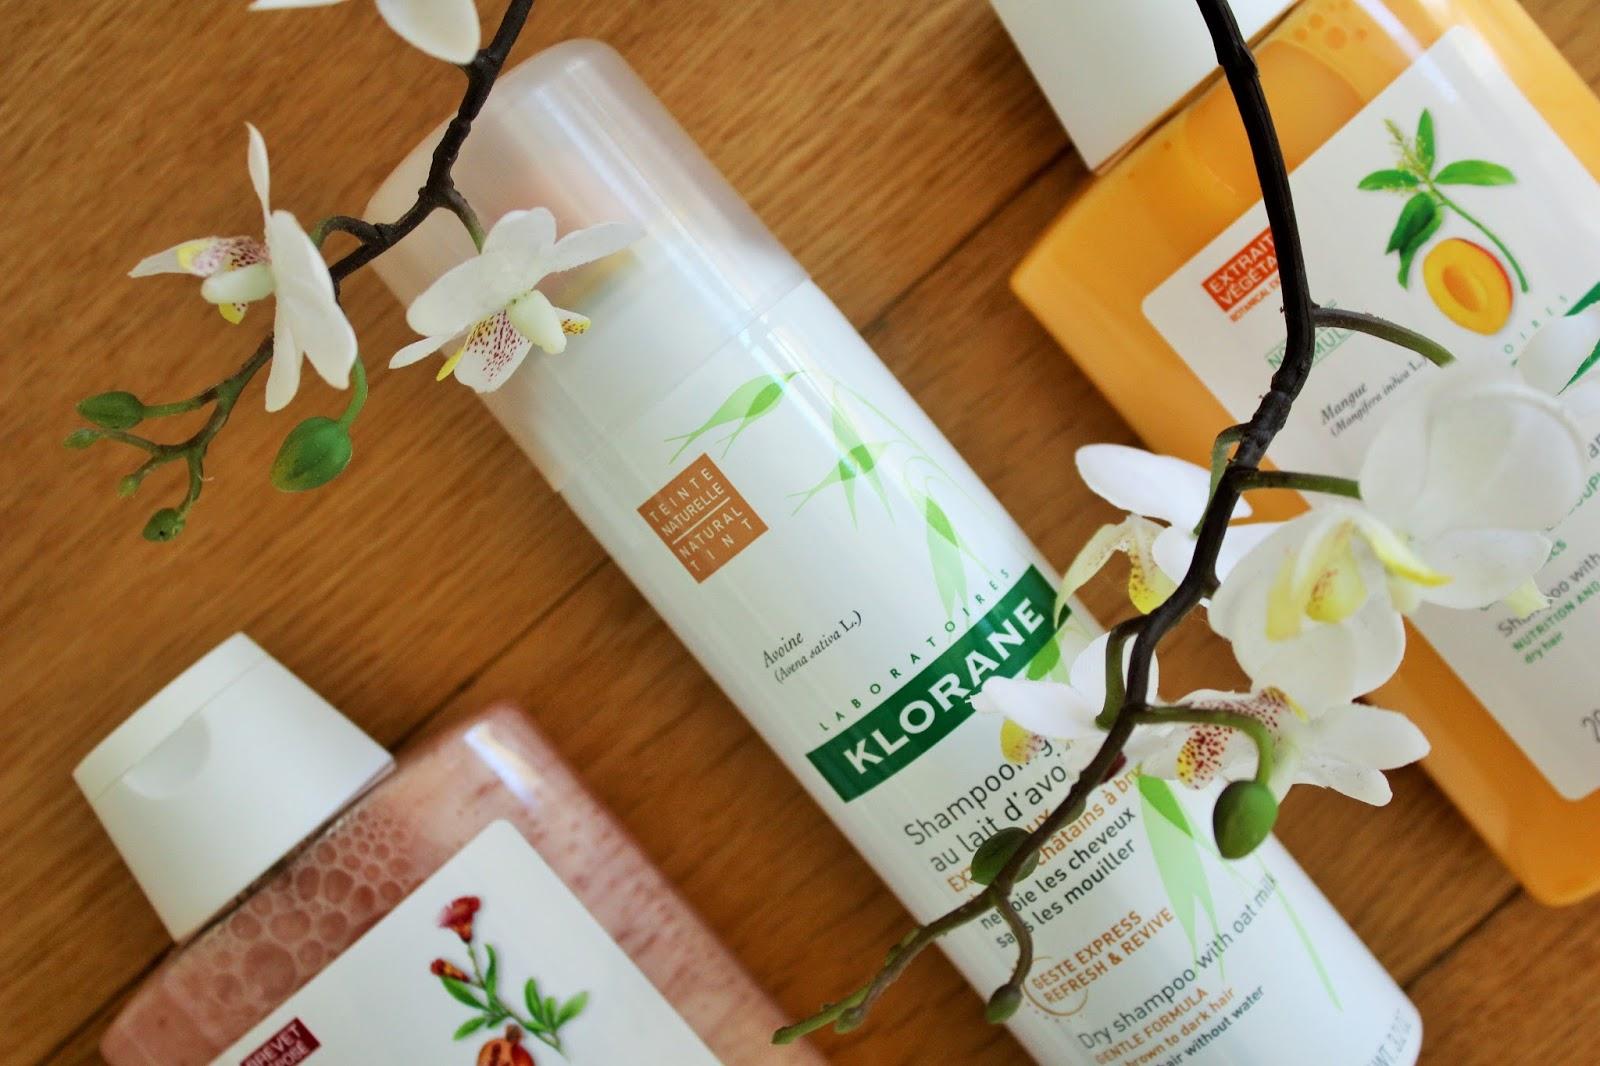 Klorane Shampoos 2 - Dry Shampoo with oat milk